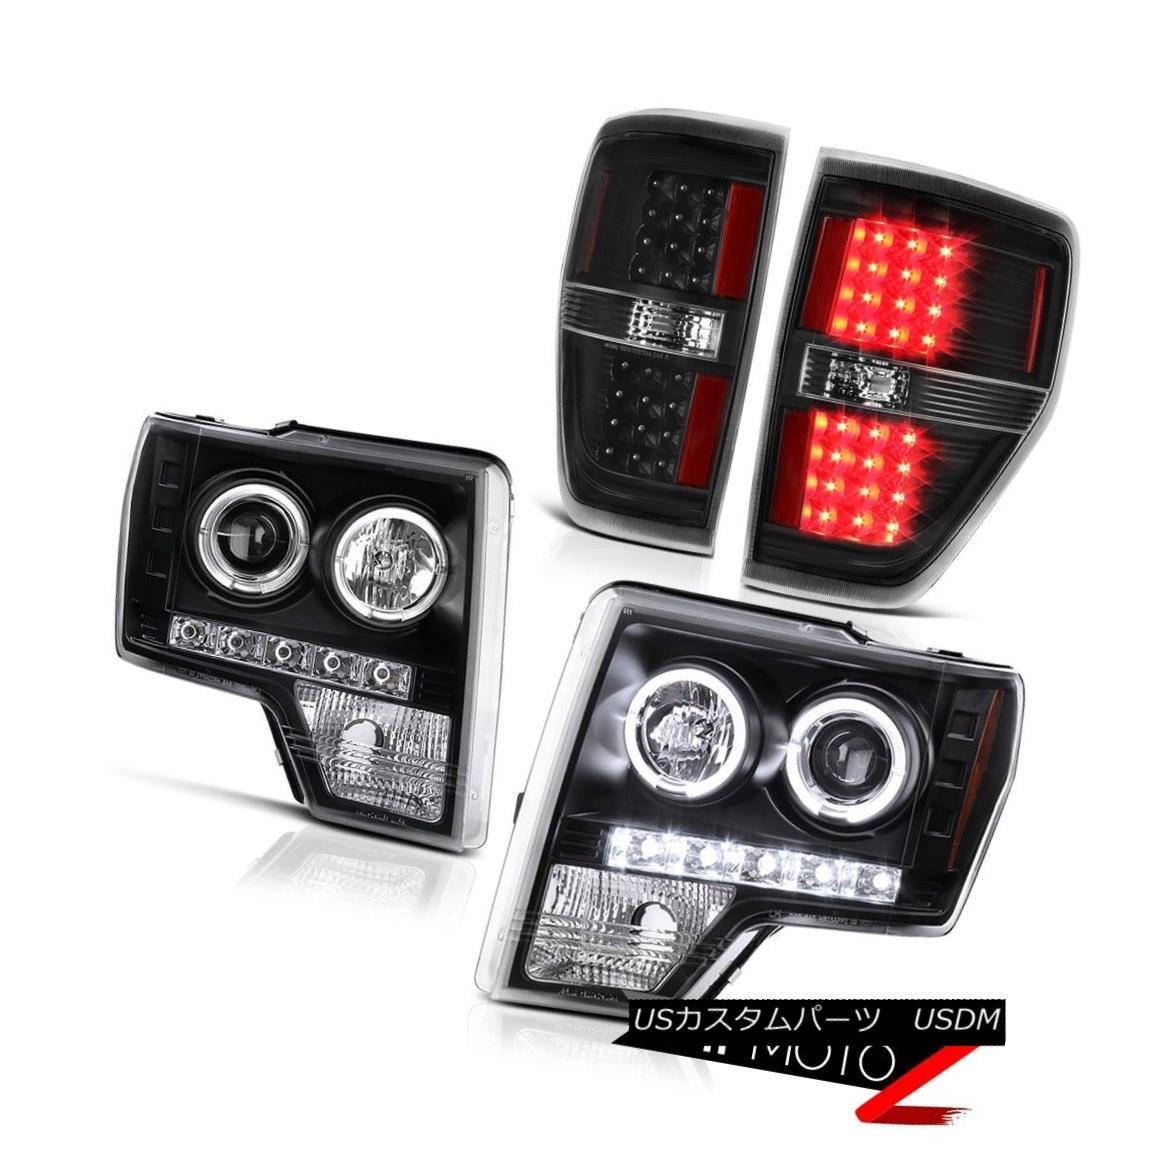 テールライト 09 10 11 12 13 14 Ford F150 Headlights Quad Halo DRL LED Signal Brake Tail Light 09 10 11 12 13 14 Ford F150ヘッドライトQuad Halo DRL LED信号ブレーキテールライト